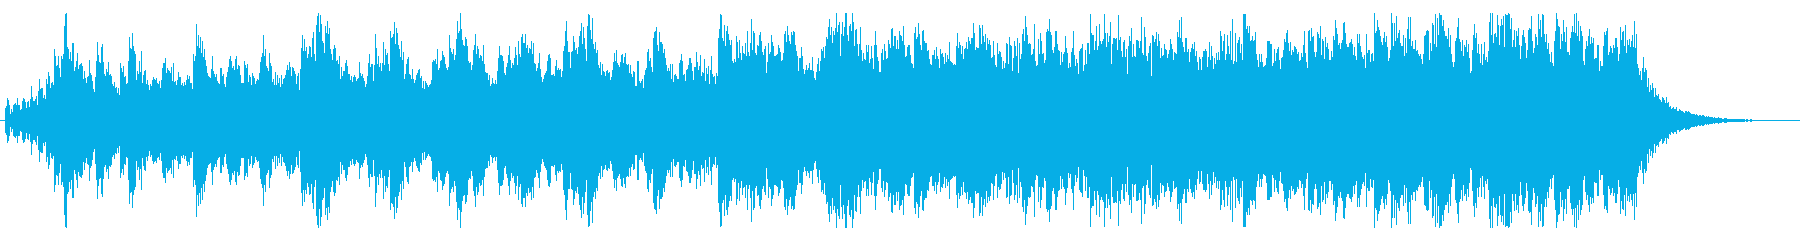 ★ややシリアスなEPICオーケストラ✡Bの再生済みの波形